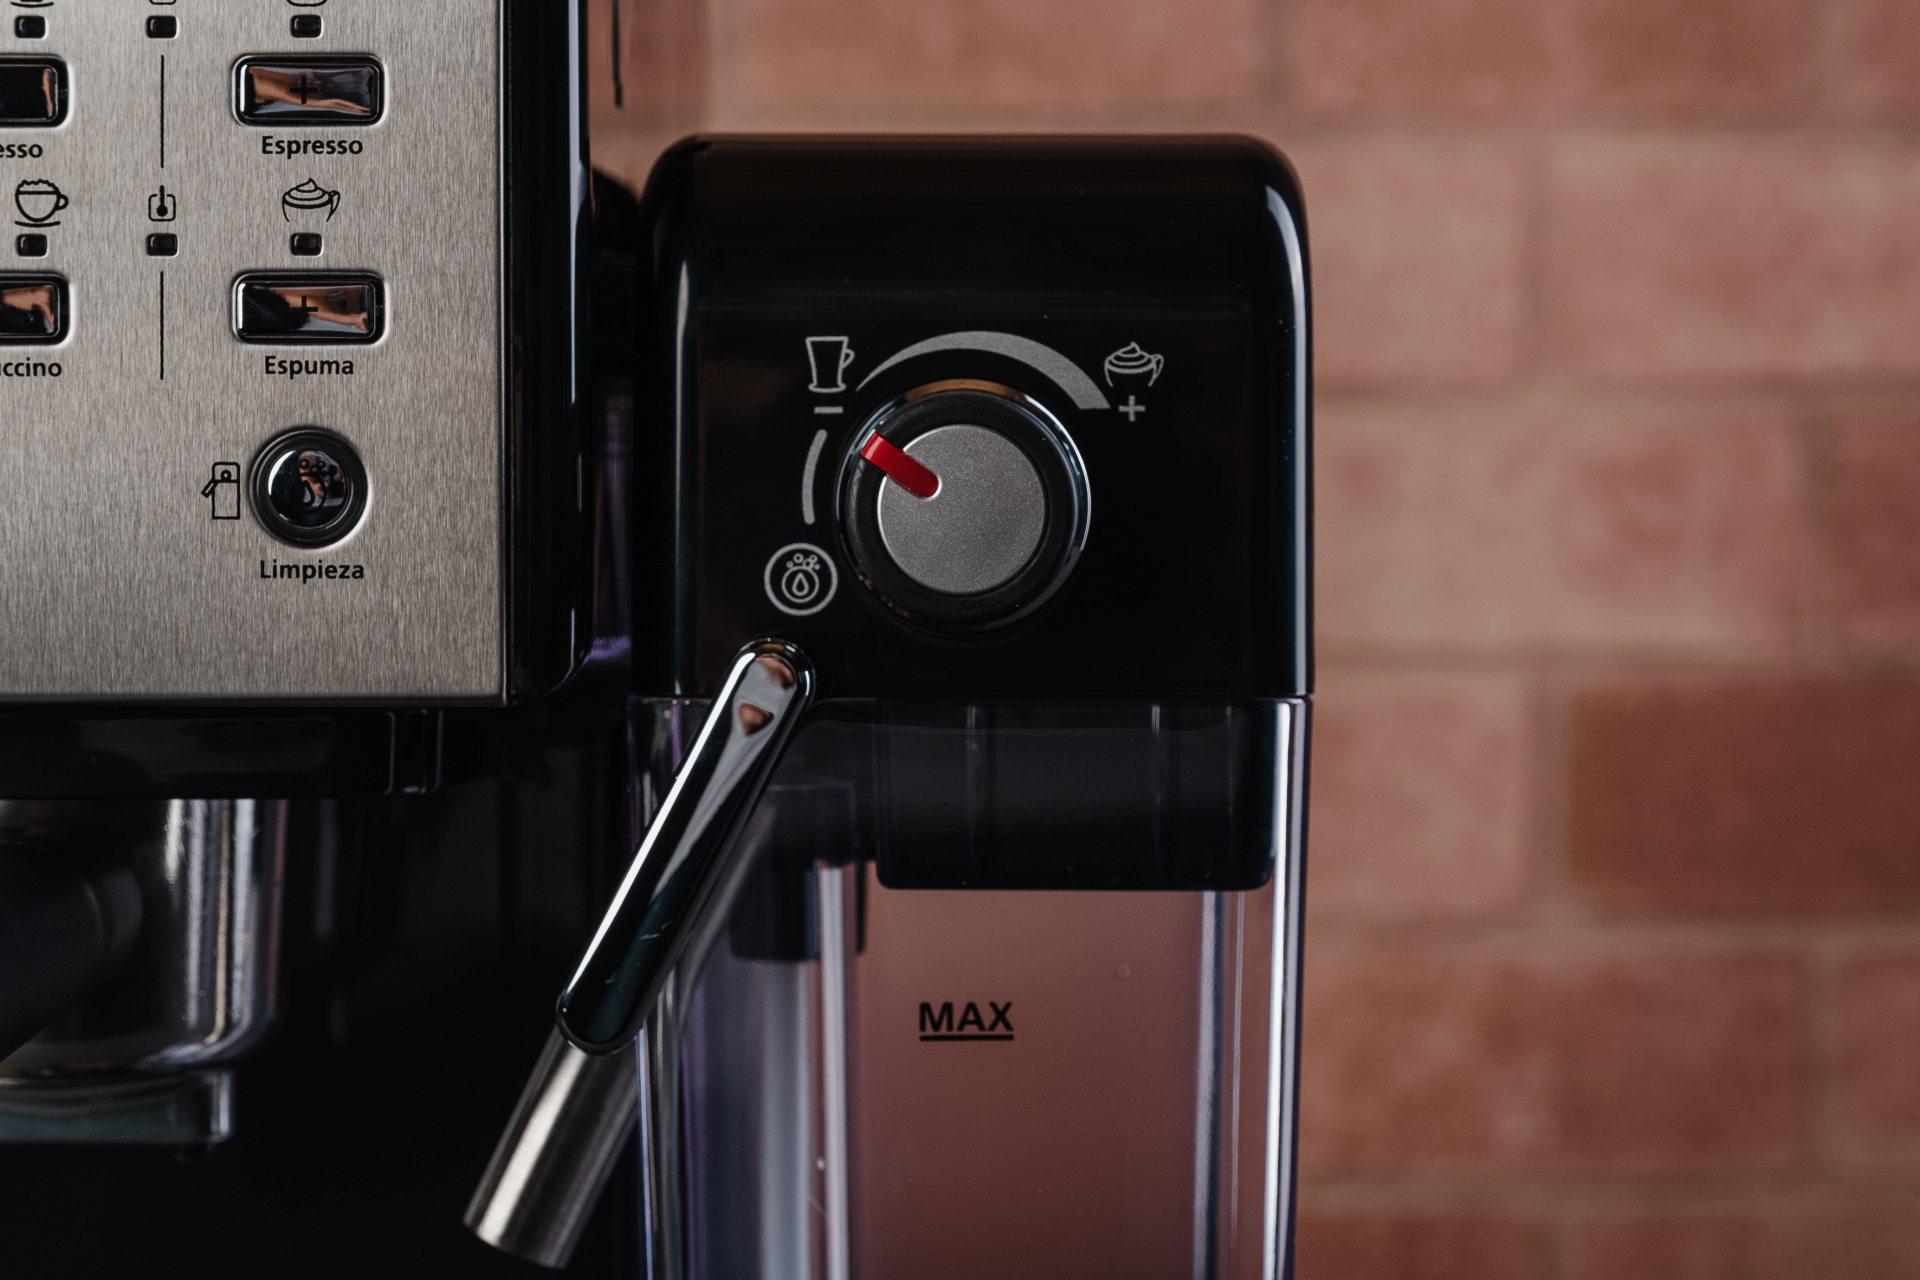 O seletor de espuma da Oster Prima Latte II também pode ser usado para a limpeza interna do aparelho (Foto: Reprodução/Zoom)